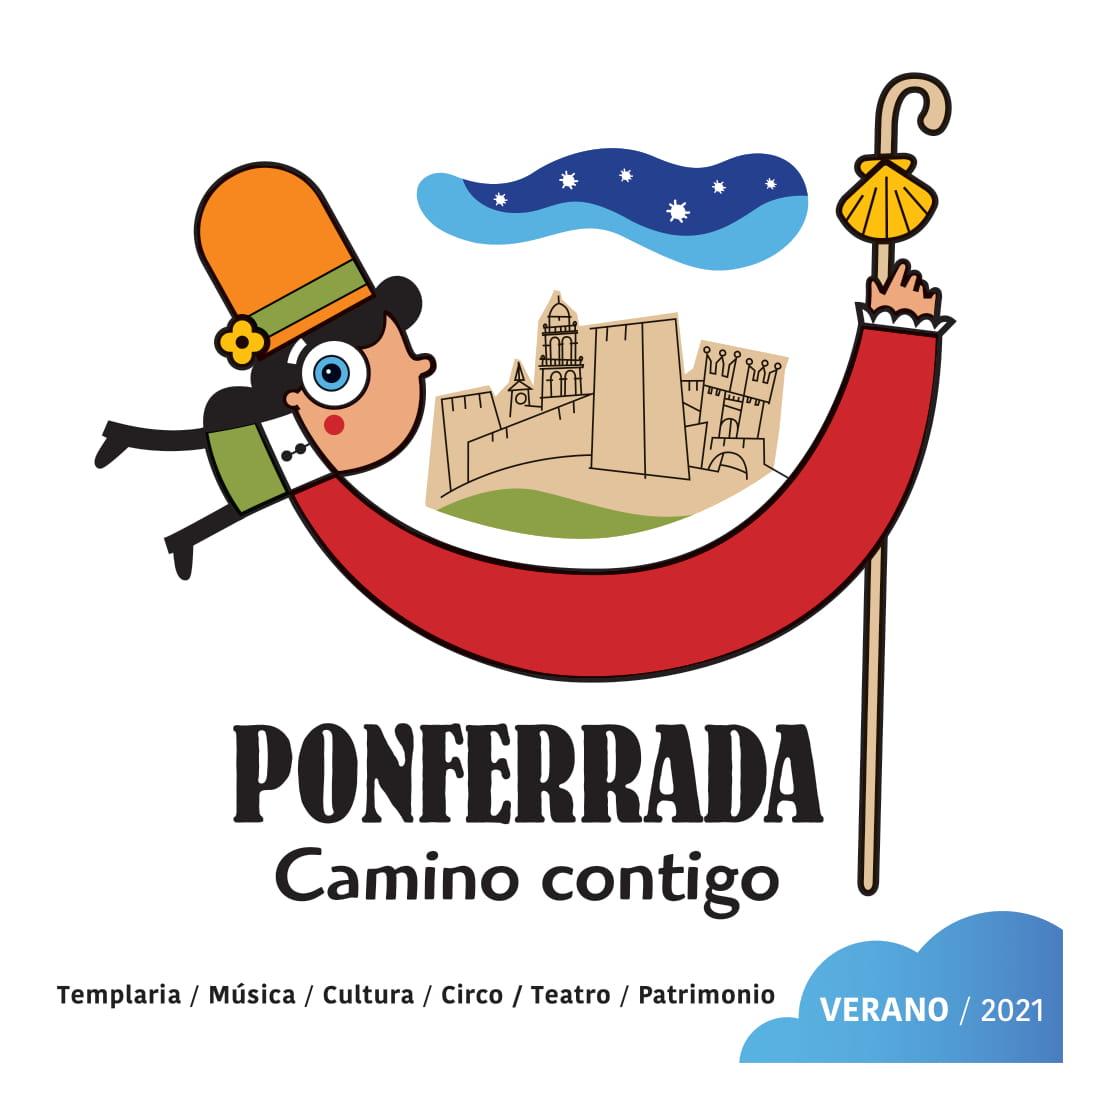 Ponferrada será... música, cultura, monumentos, turismo y más durante el verano de 2021 1